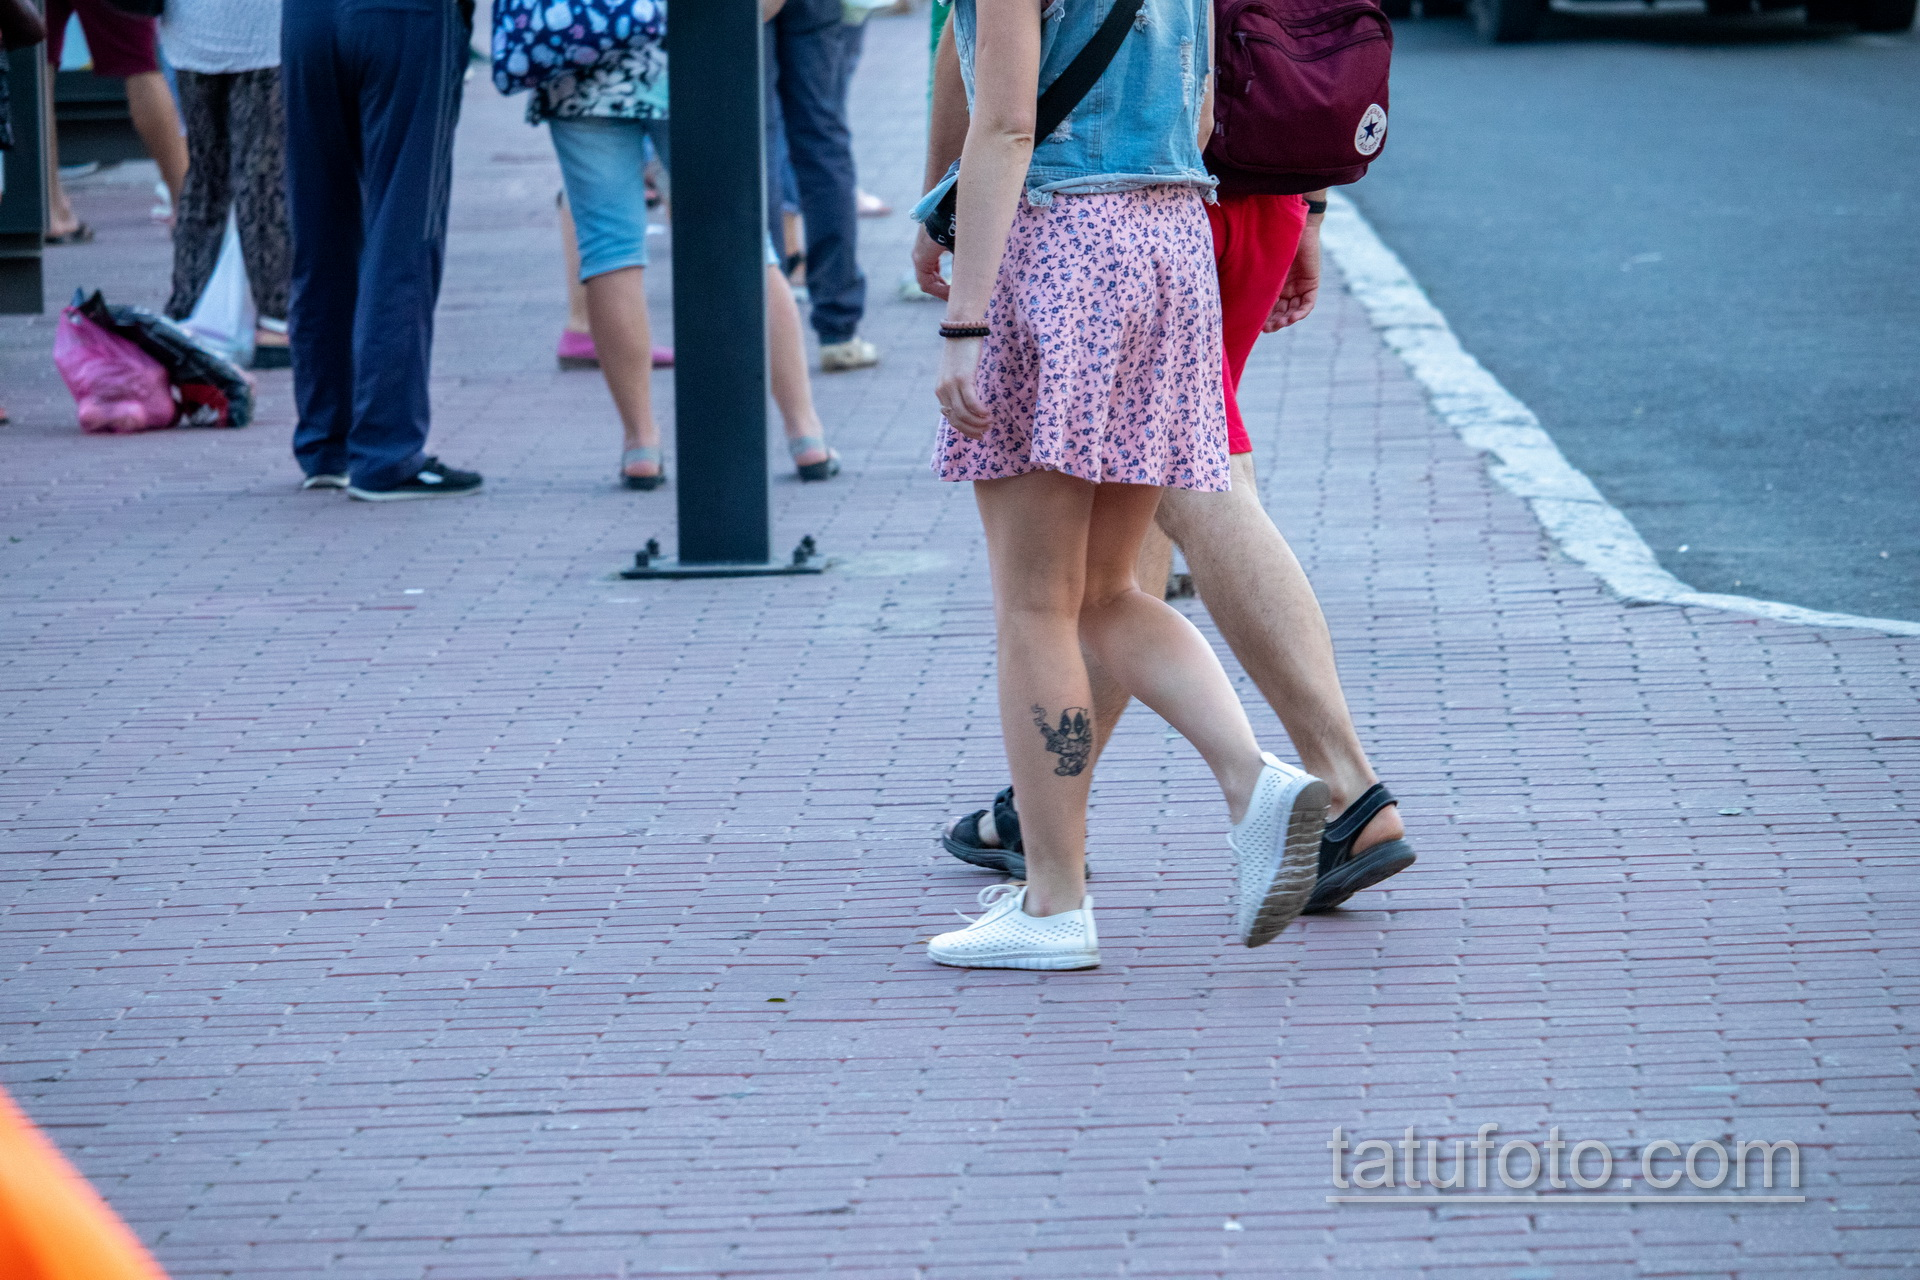 Тату с младенцем Дед Пулом на ноге у девушки - Уличная татуировка 14.09.2020 – tatufoto.com 4